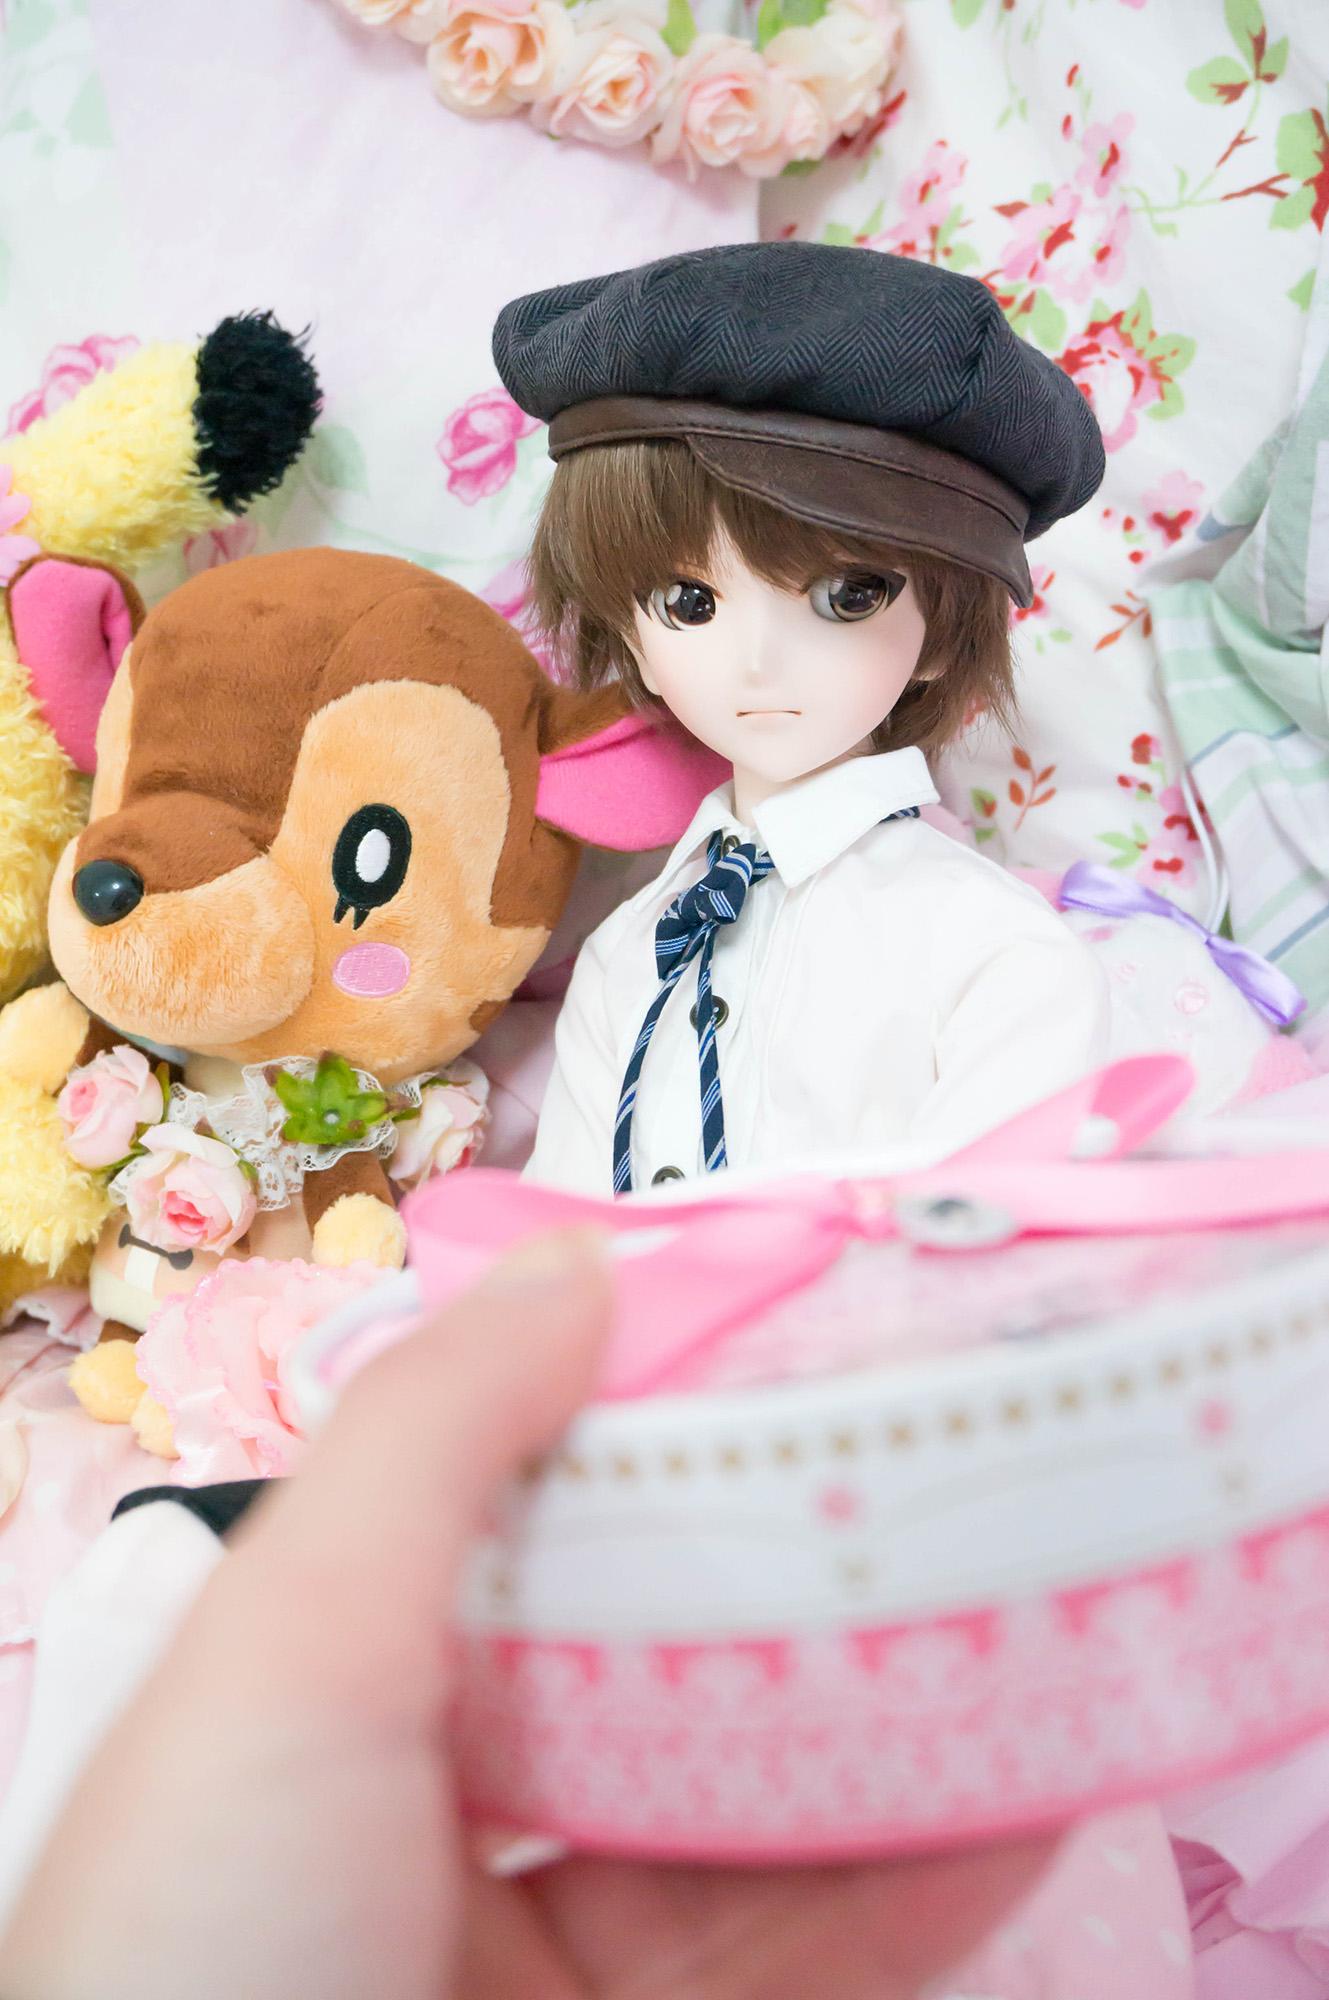 nintendo pikachu pocket_monsters doremi sekiguchi san-ei doubutsu_no_mori game_freak tobidase_doubutsu_no_mori creatures_inc. mokomoko_plush